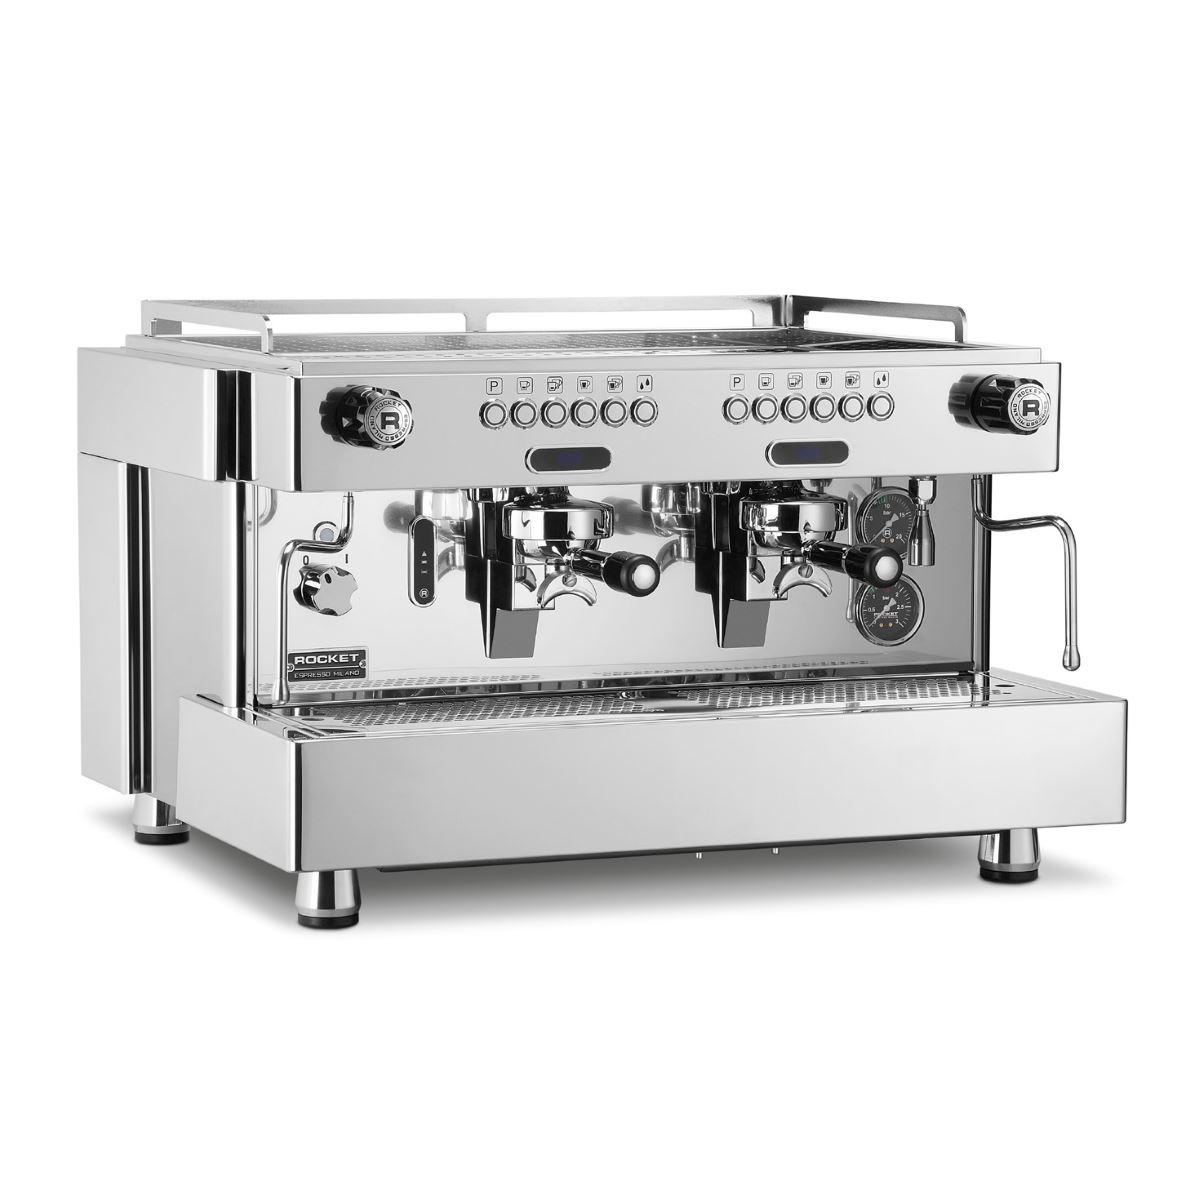 Macchina caffè professionale Rocket RE Dual Boiler, 4 gruppi